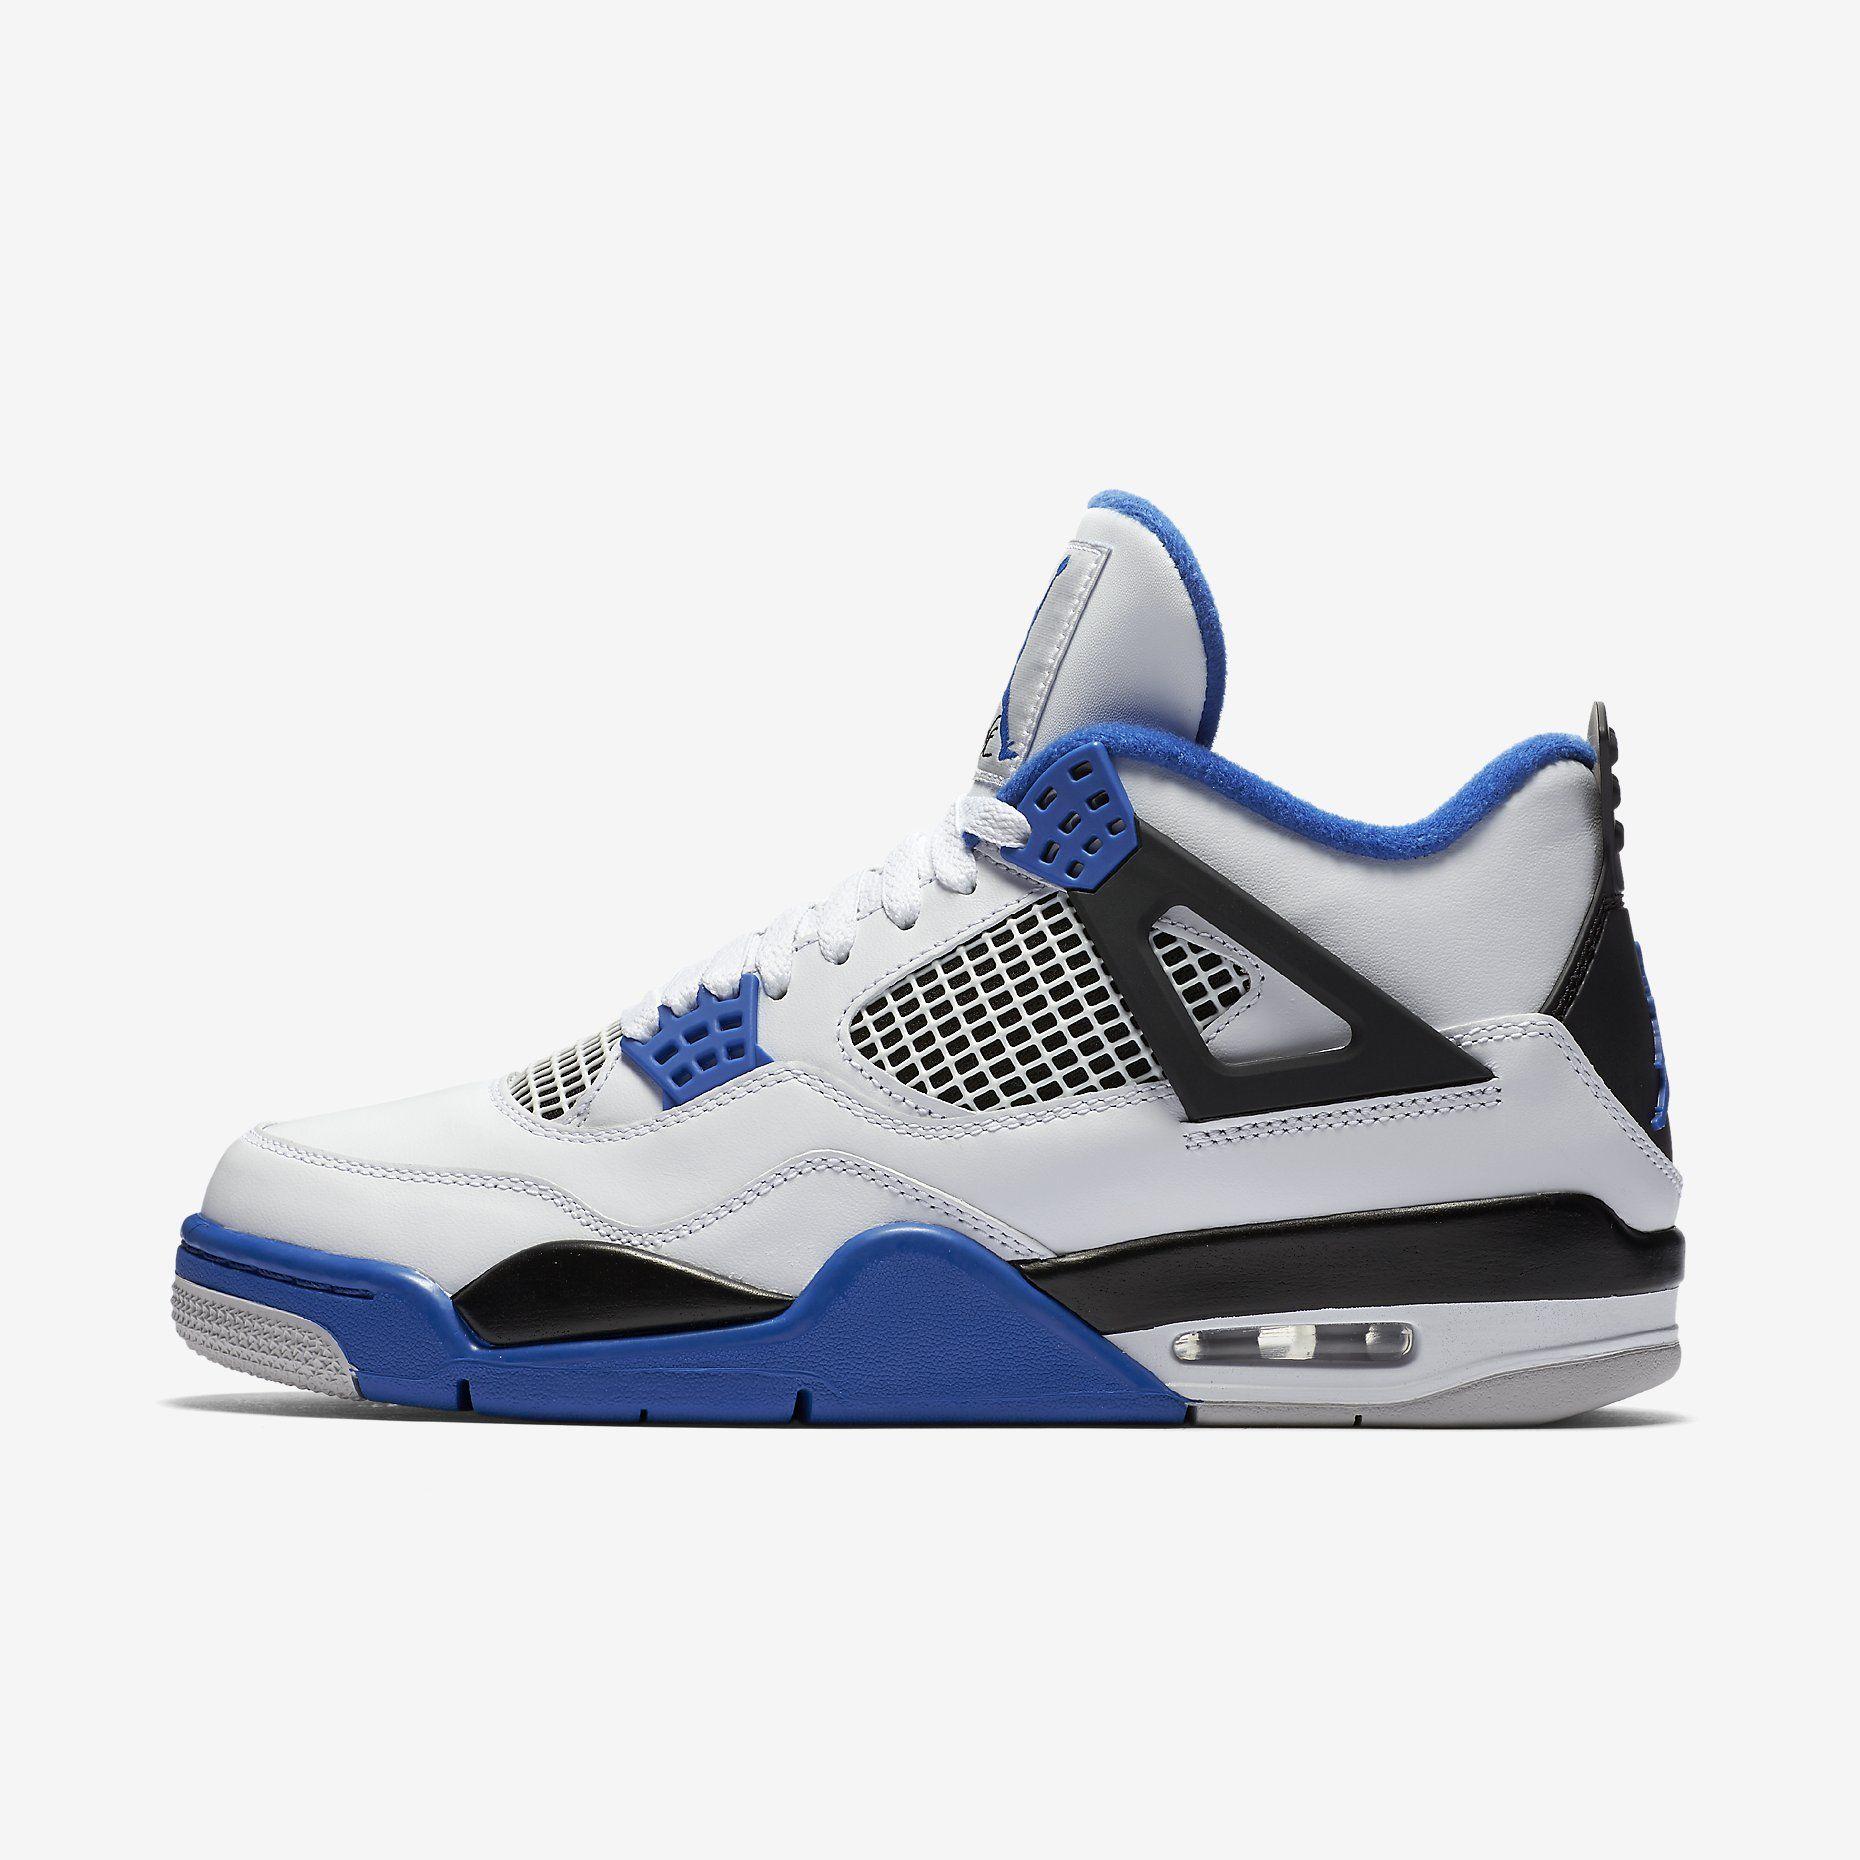 A Pair of Jordans - Nike Air Jordan 4 Retro, $190; at Nike ...